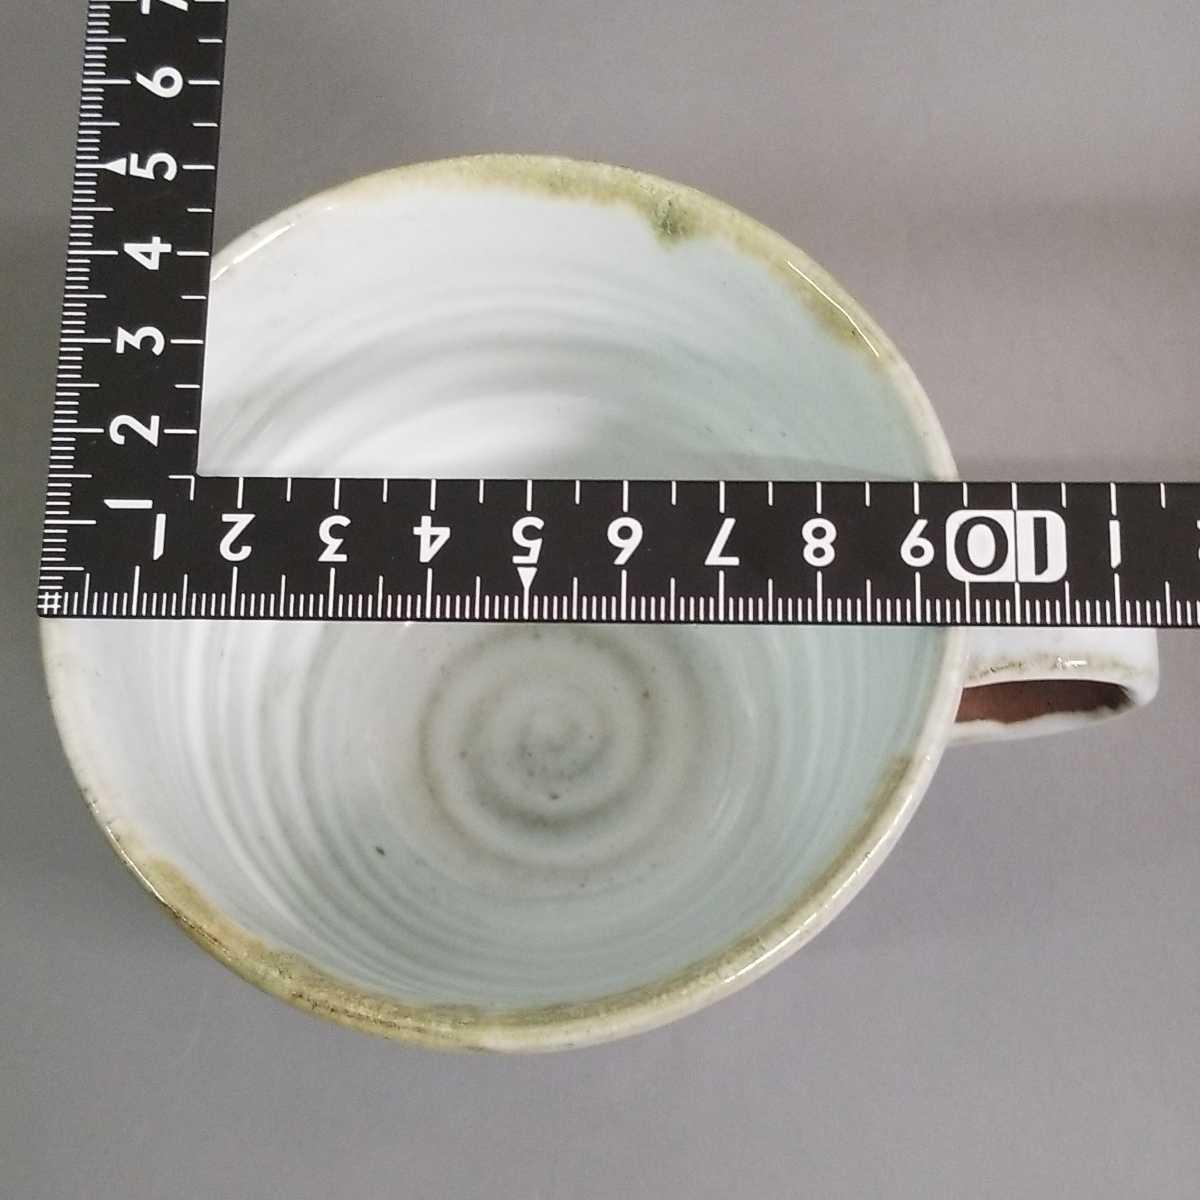 辞64)萩焼 山根清玩 三彩マグカップ コーヒーカップ 珈琲器 未使用新品 同梱歓迎_画像9